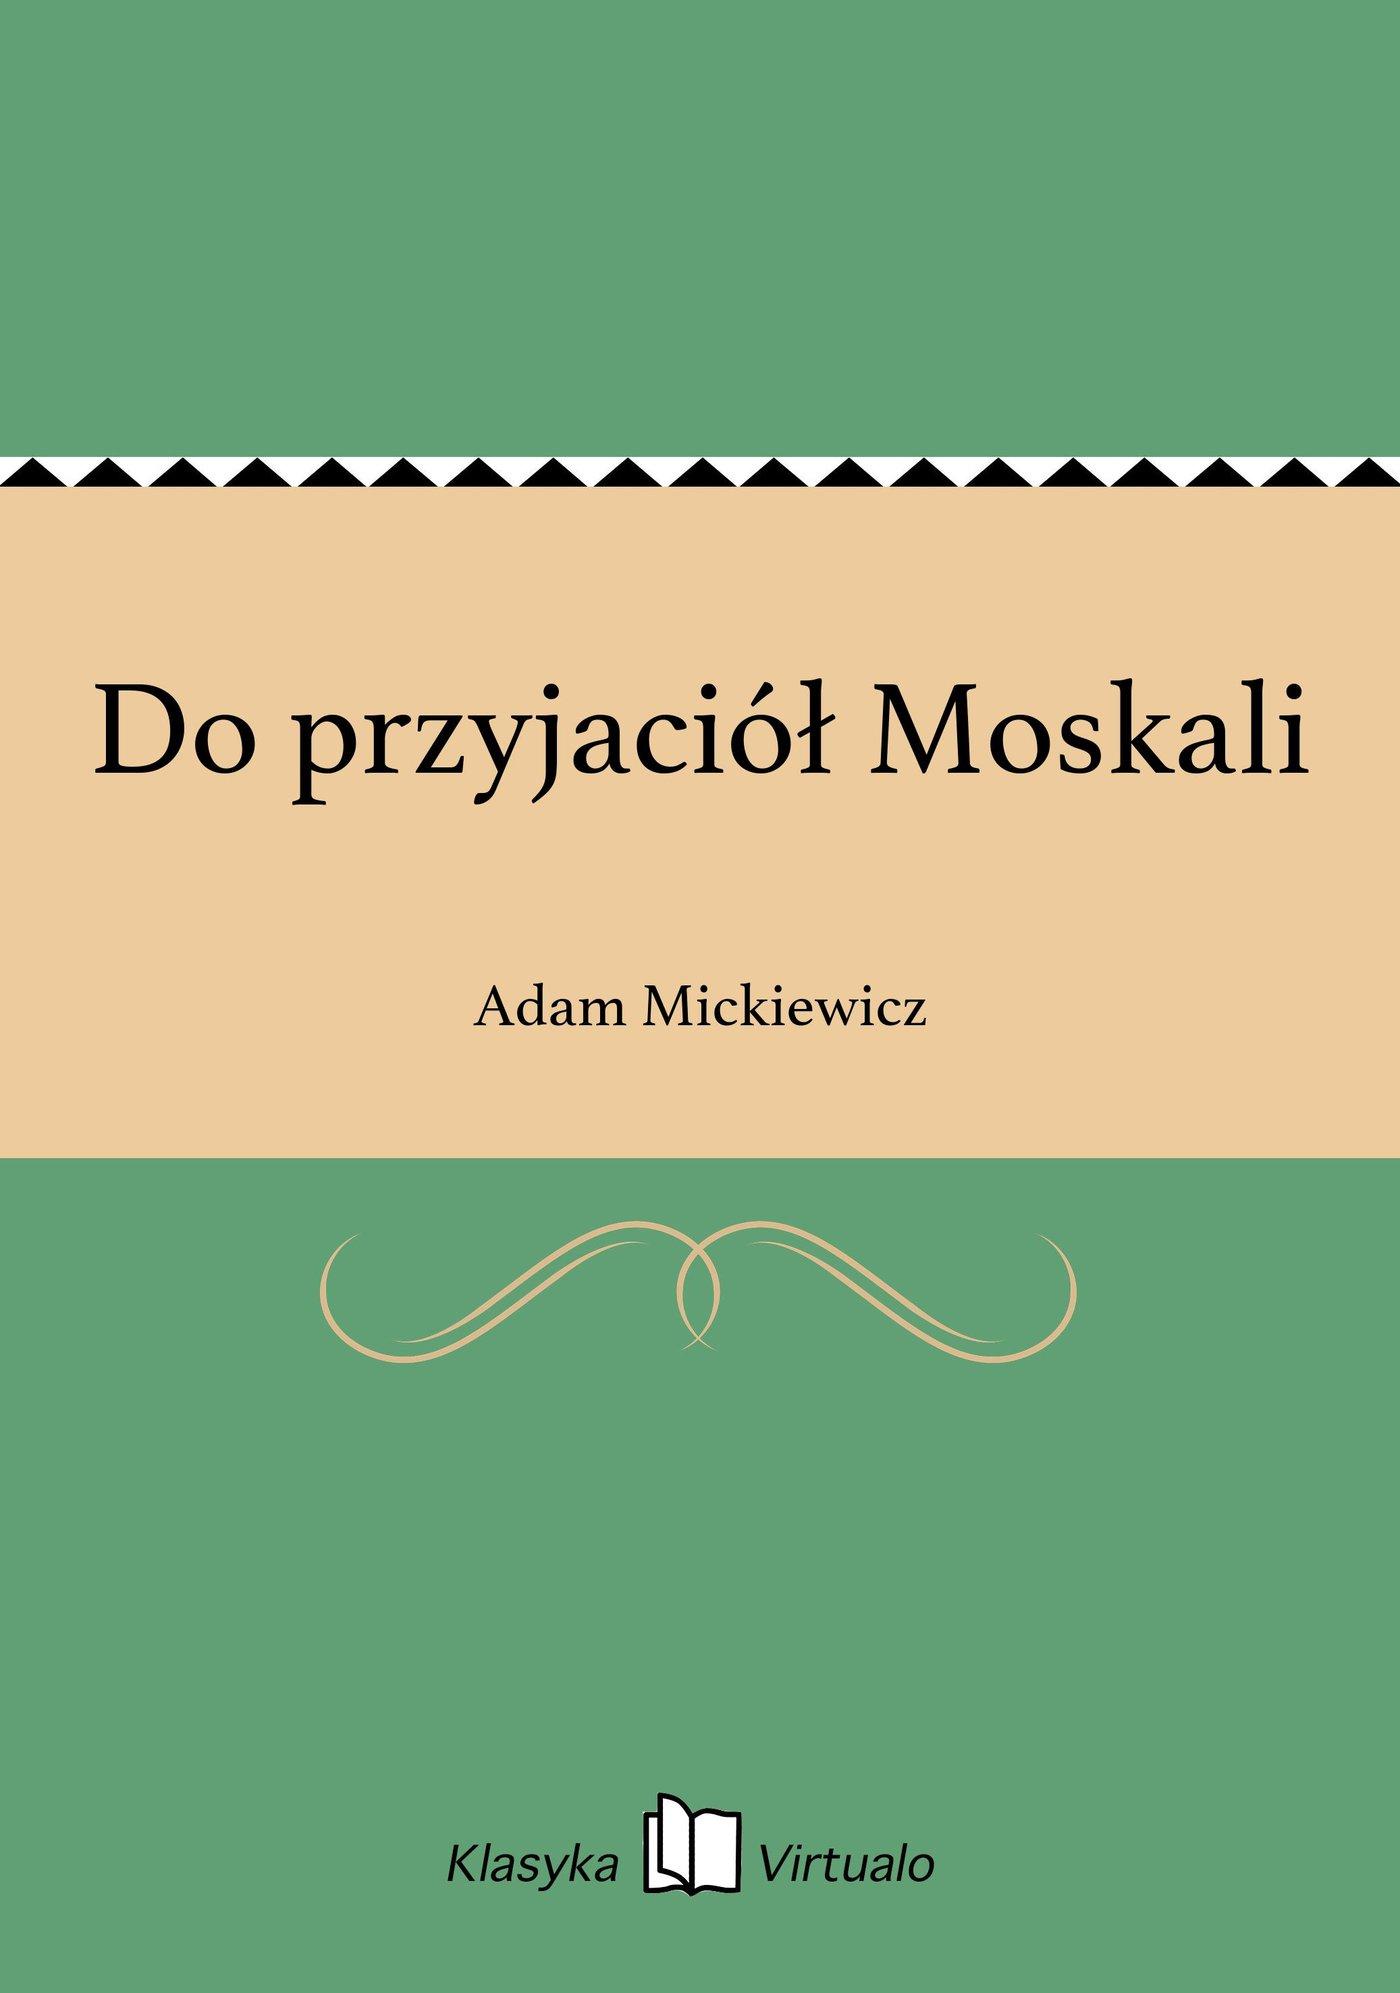 Do przyjaciół Moskali - Ebook (Książka na Kindle) do pobrania w formacie MOBI